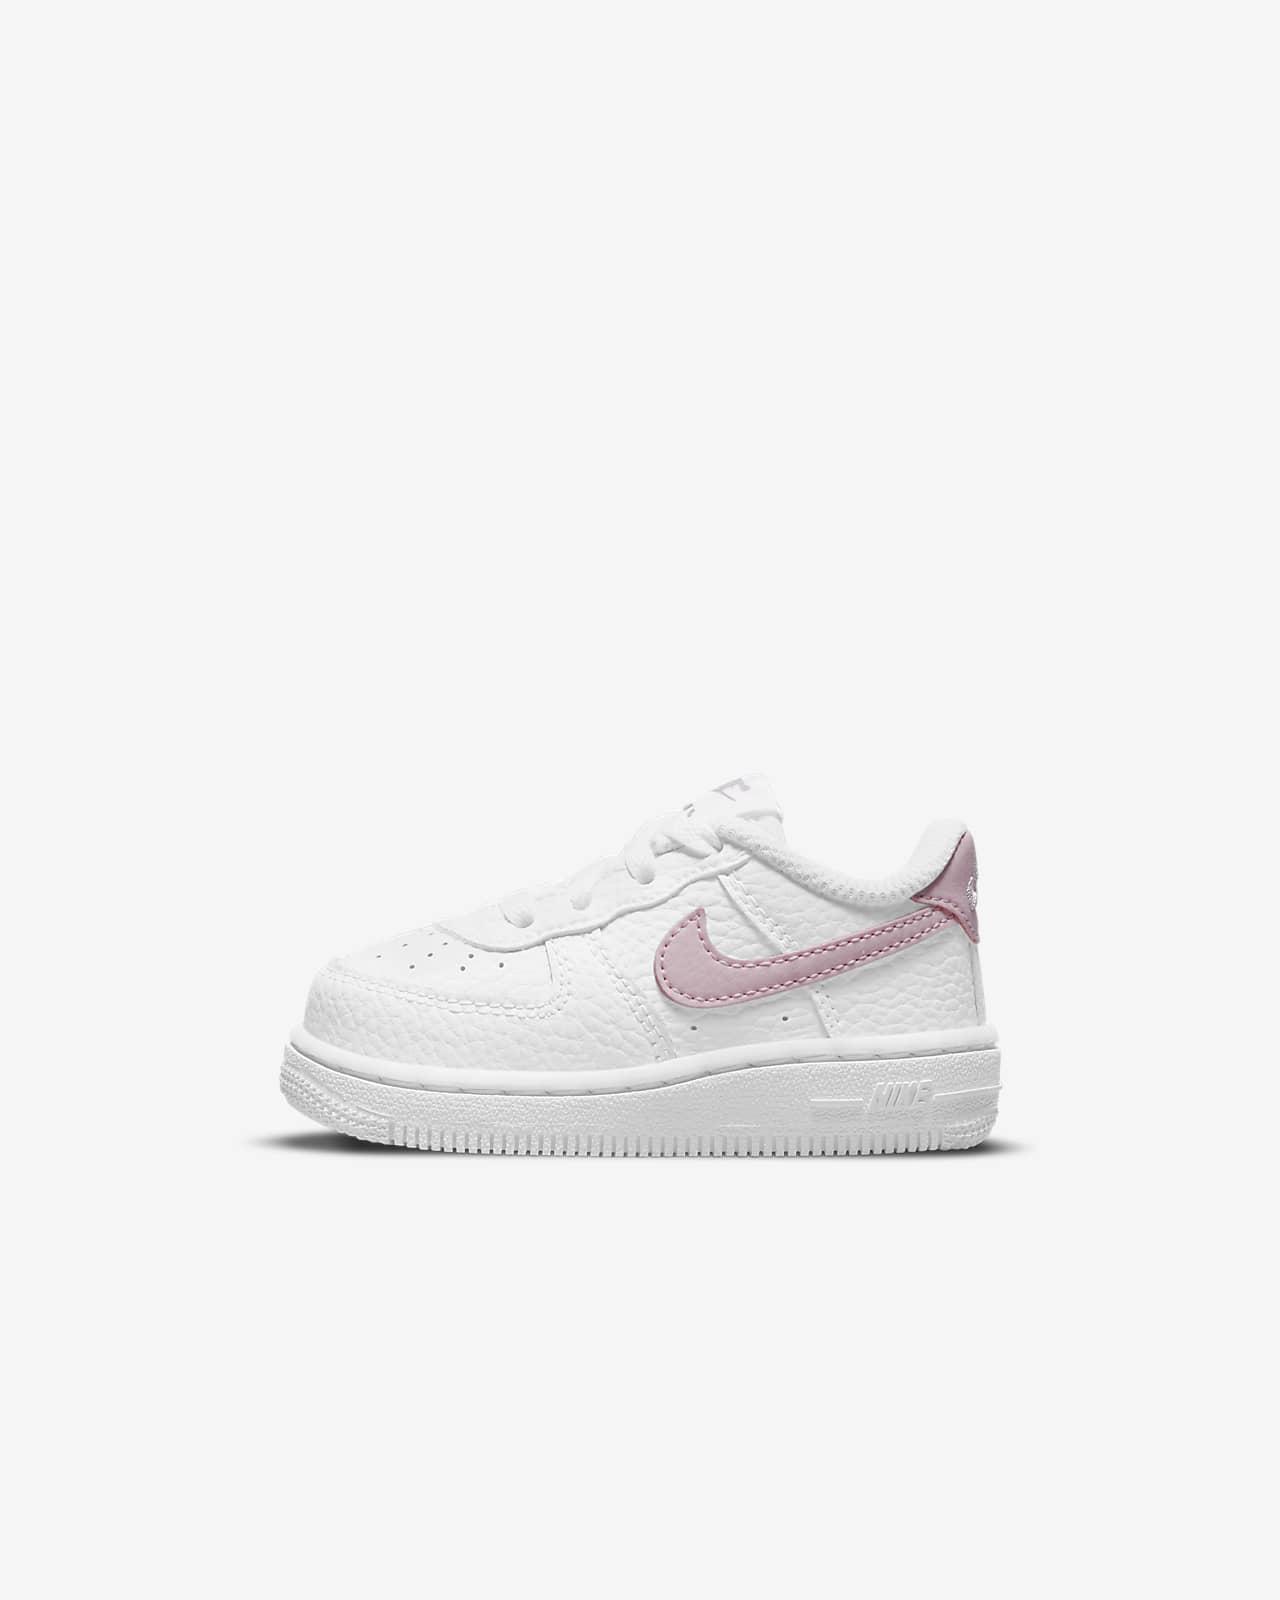 Παπούτσι Nike Force 1 για βρέφη και νήπια